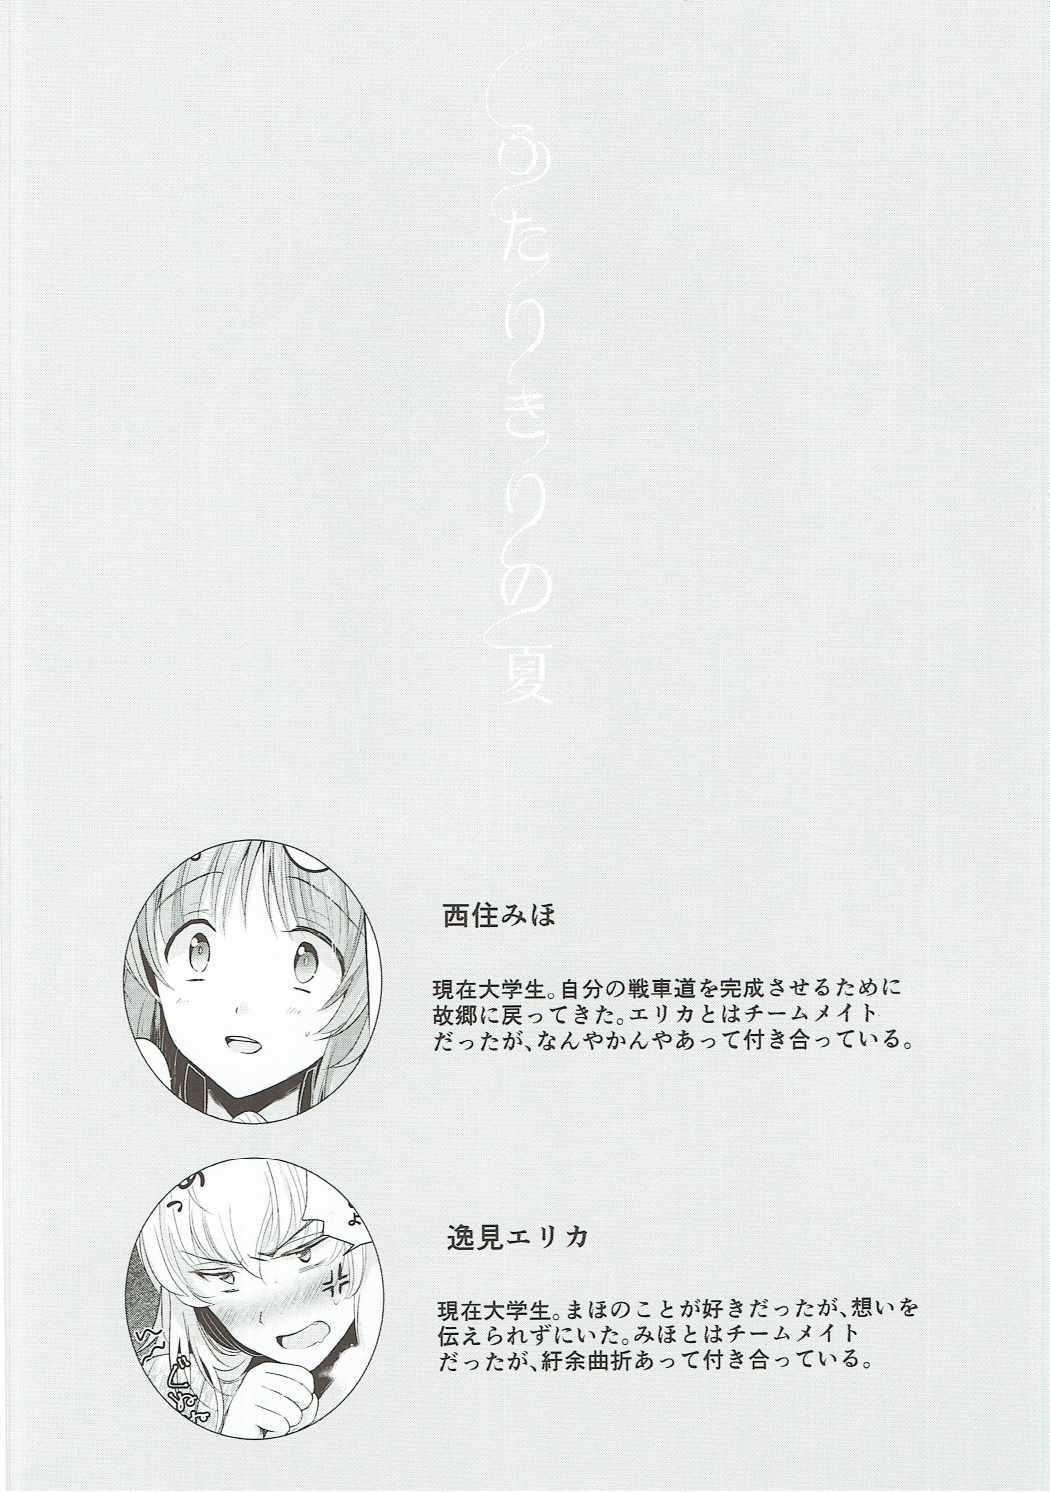 Futarikiri no Natsu 3